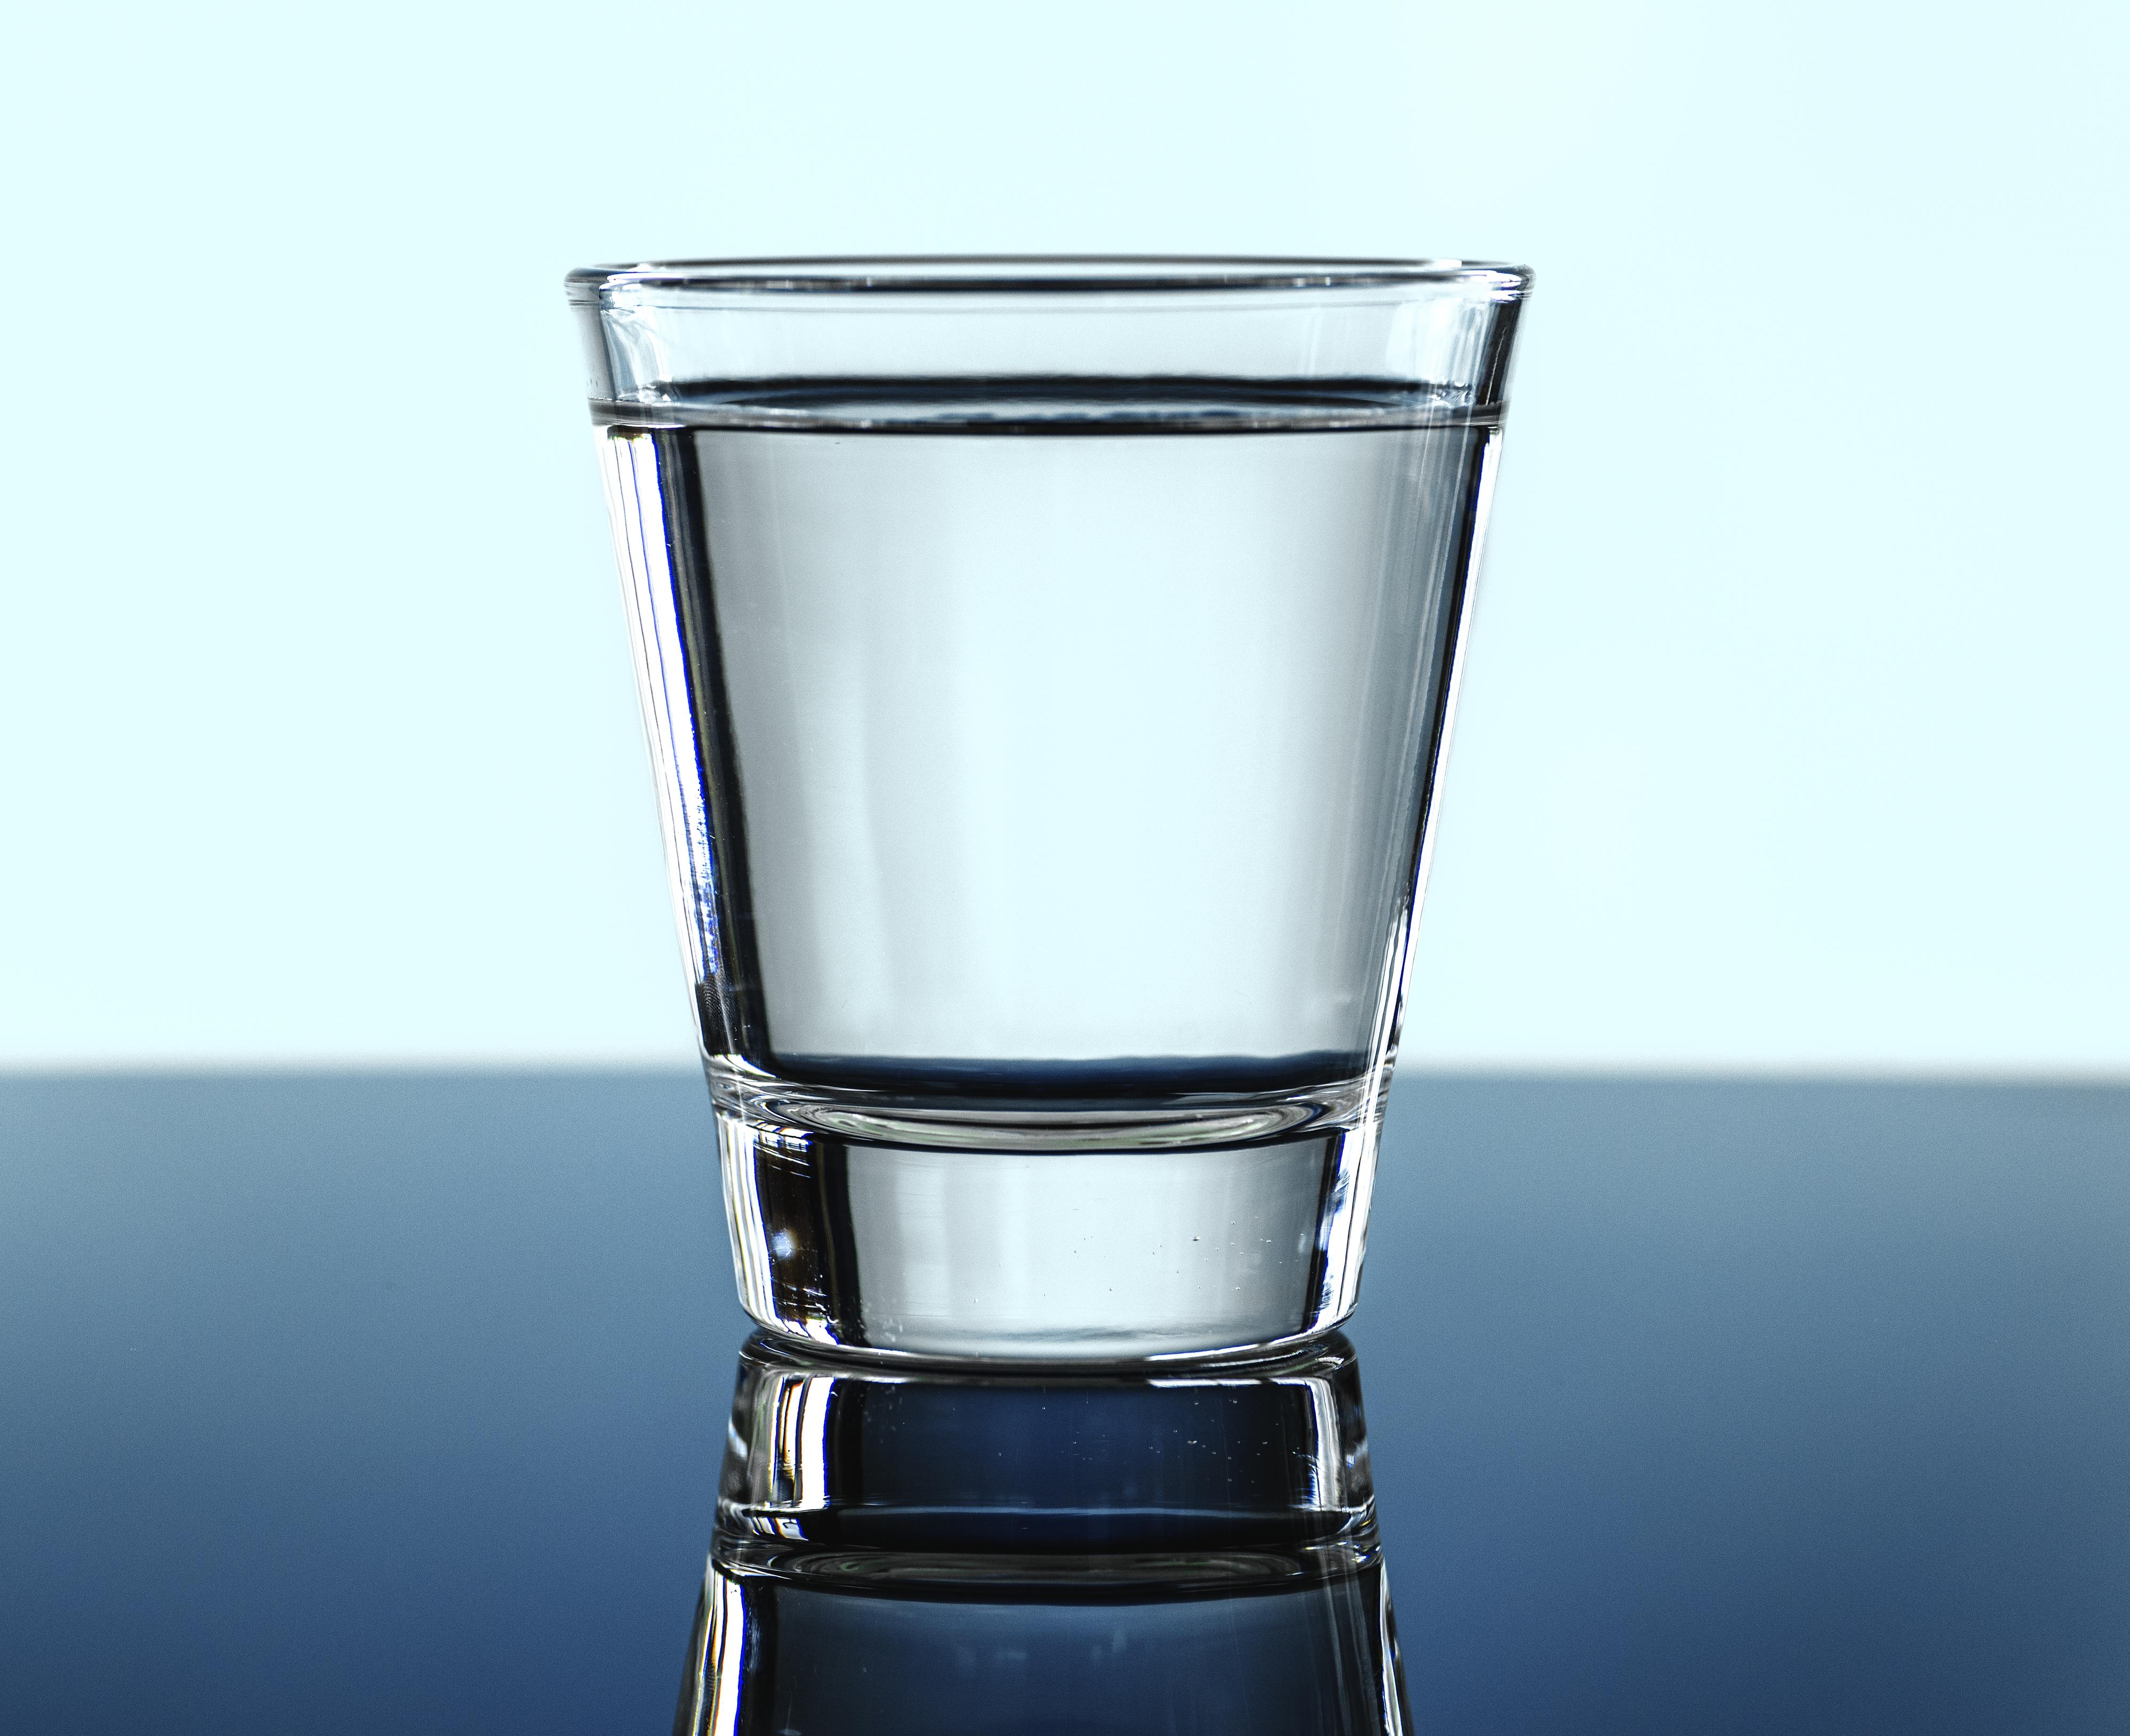 стакан воды картинки для презентации регулируем сами, учитывая